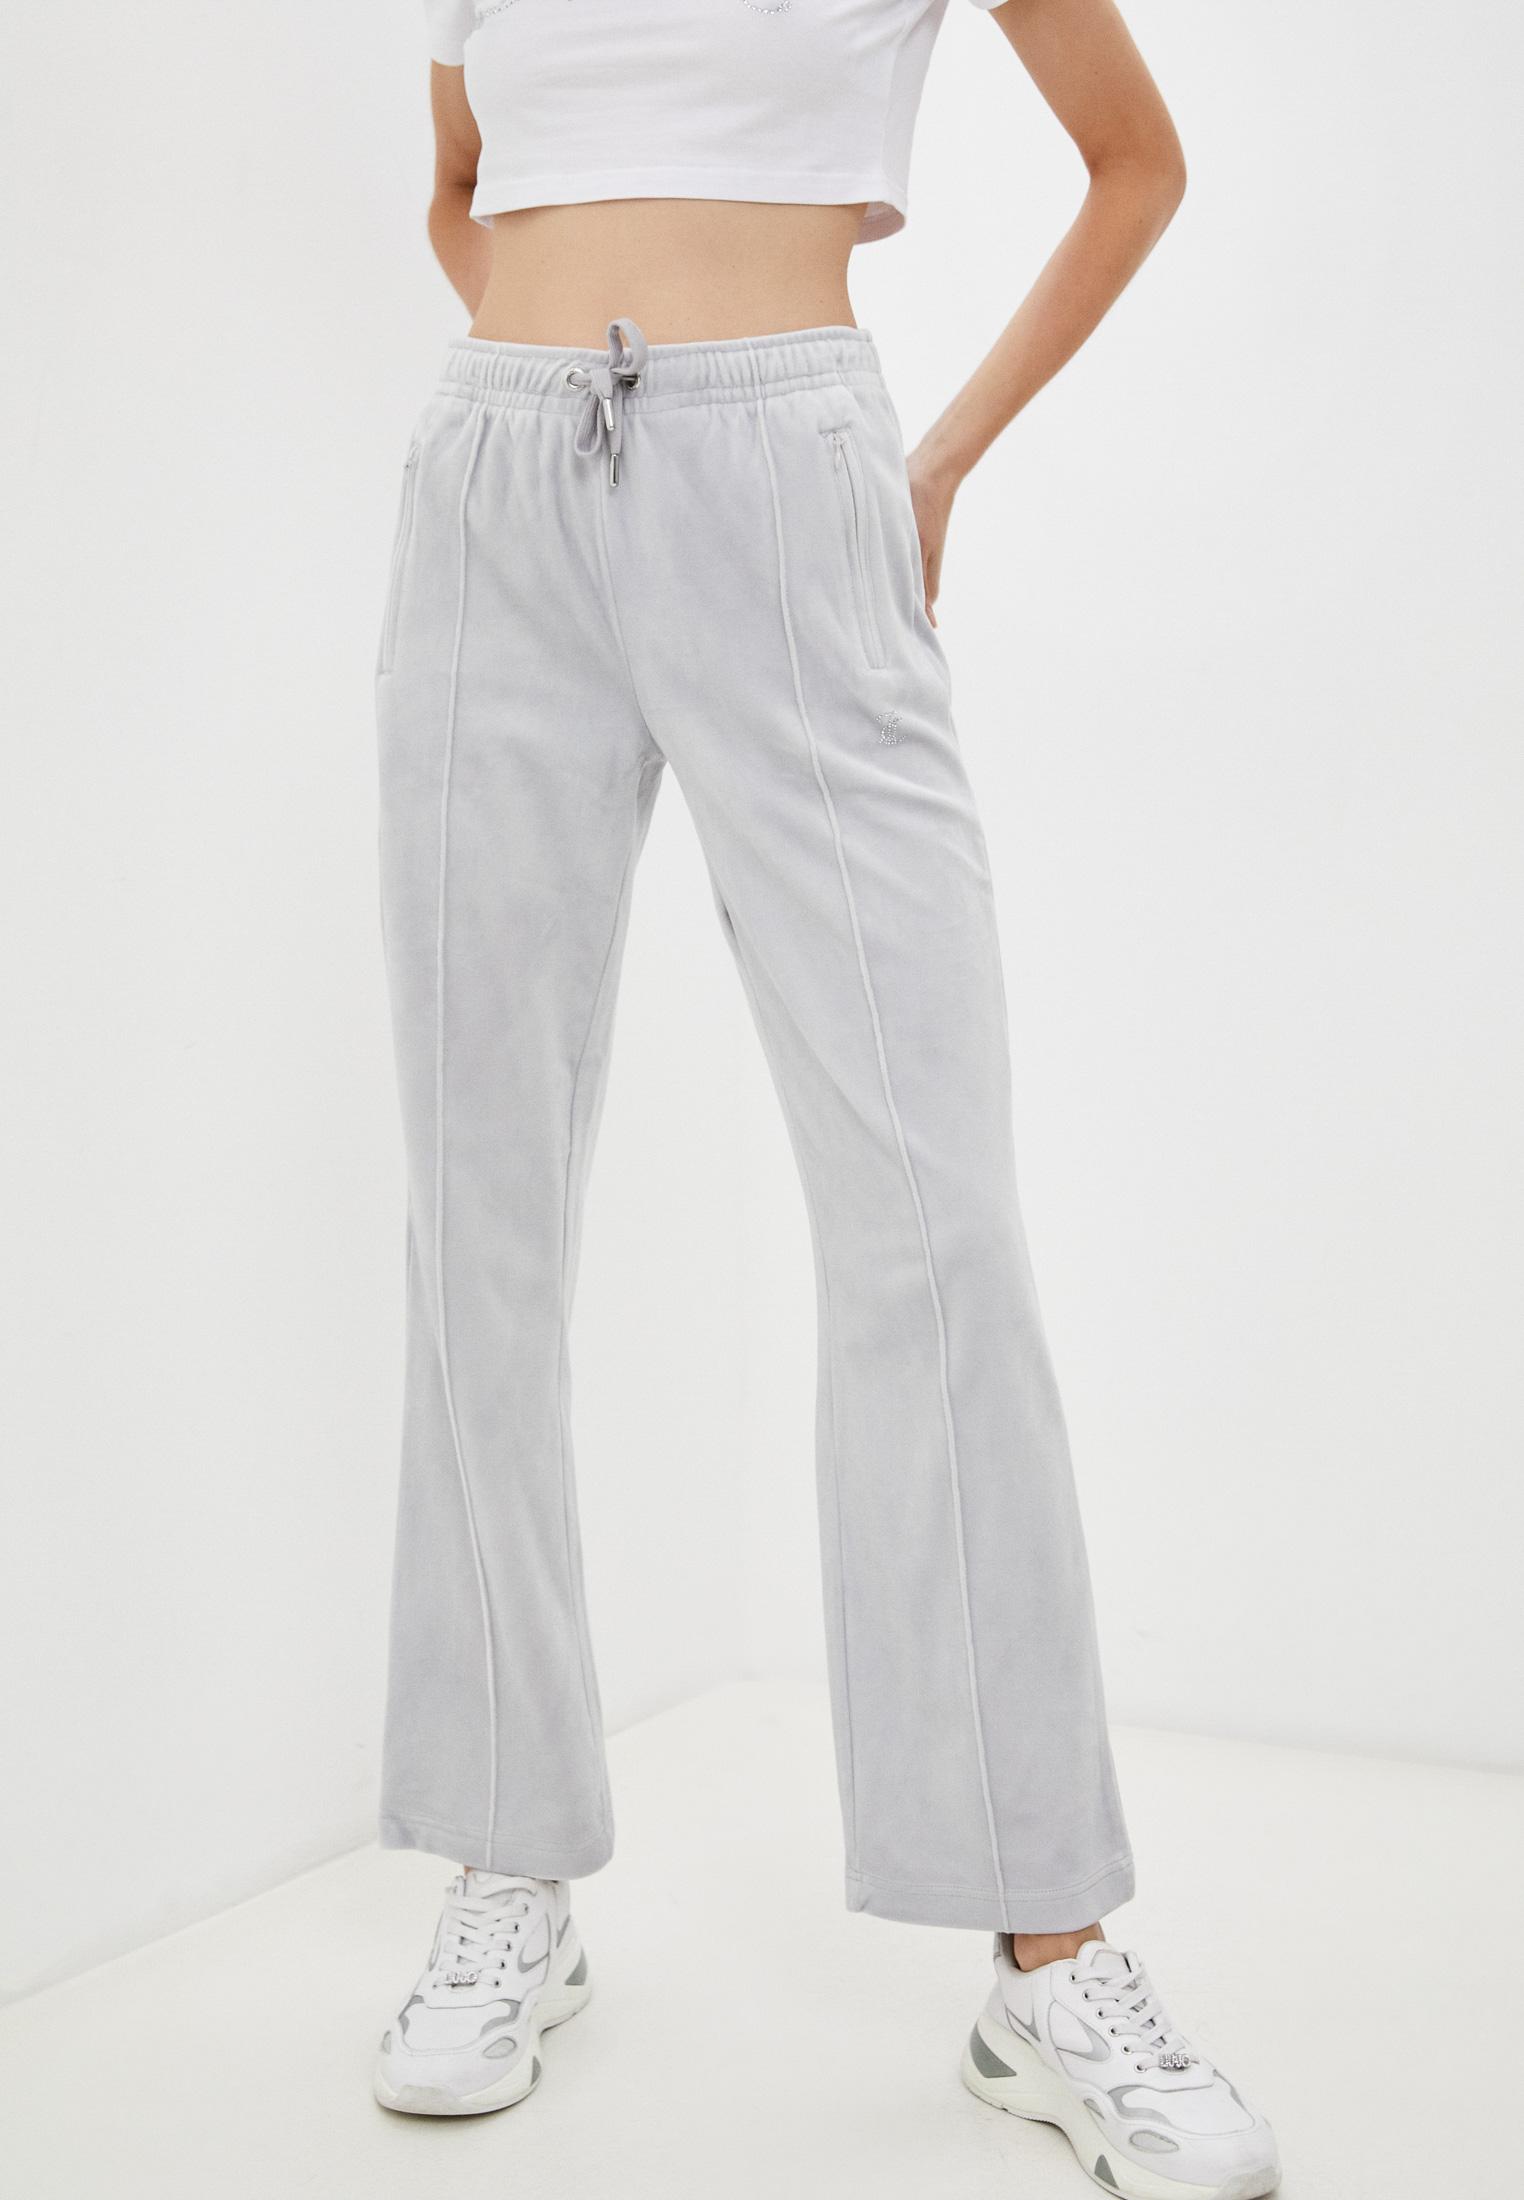 Женские спортивные брюки Juicy Couture (Джуси Кутюр) Брюки спортивные Juicy Couture